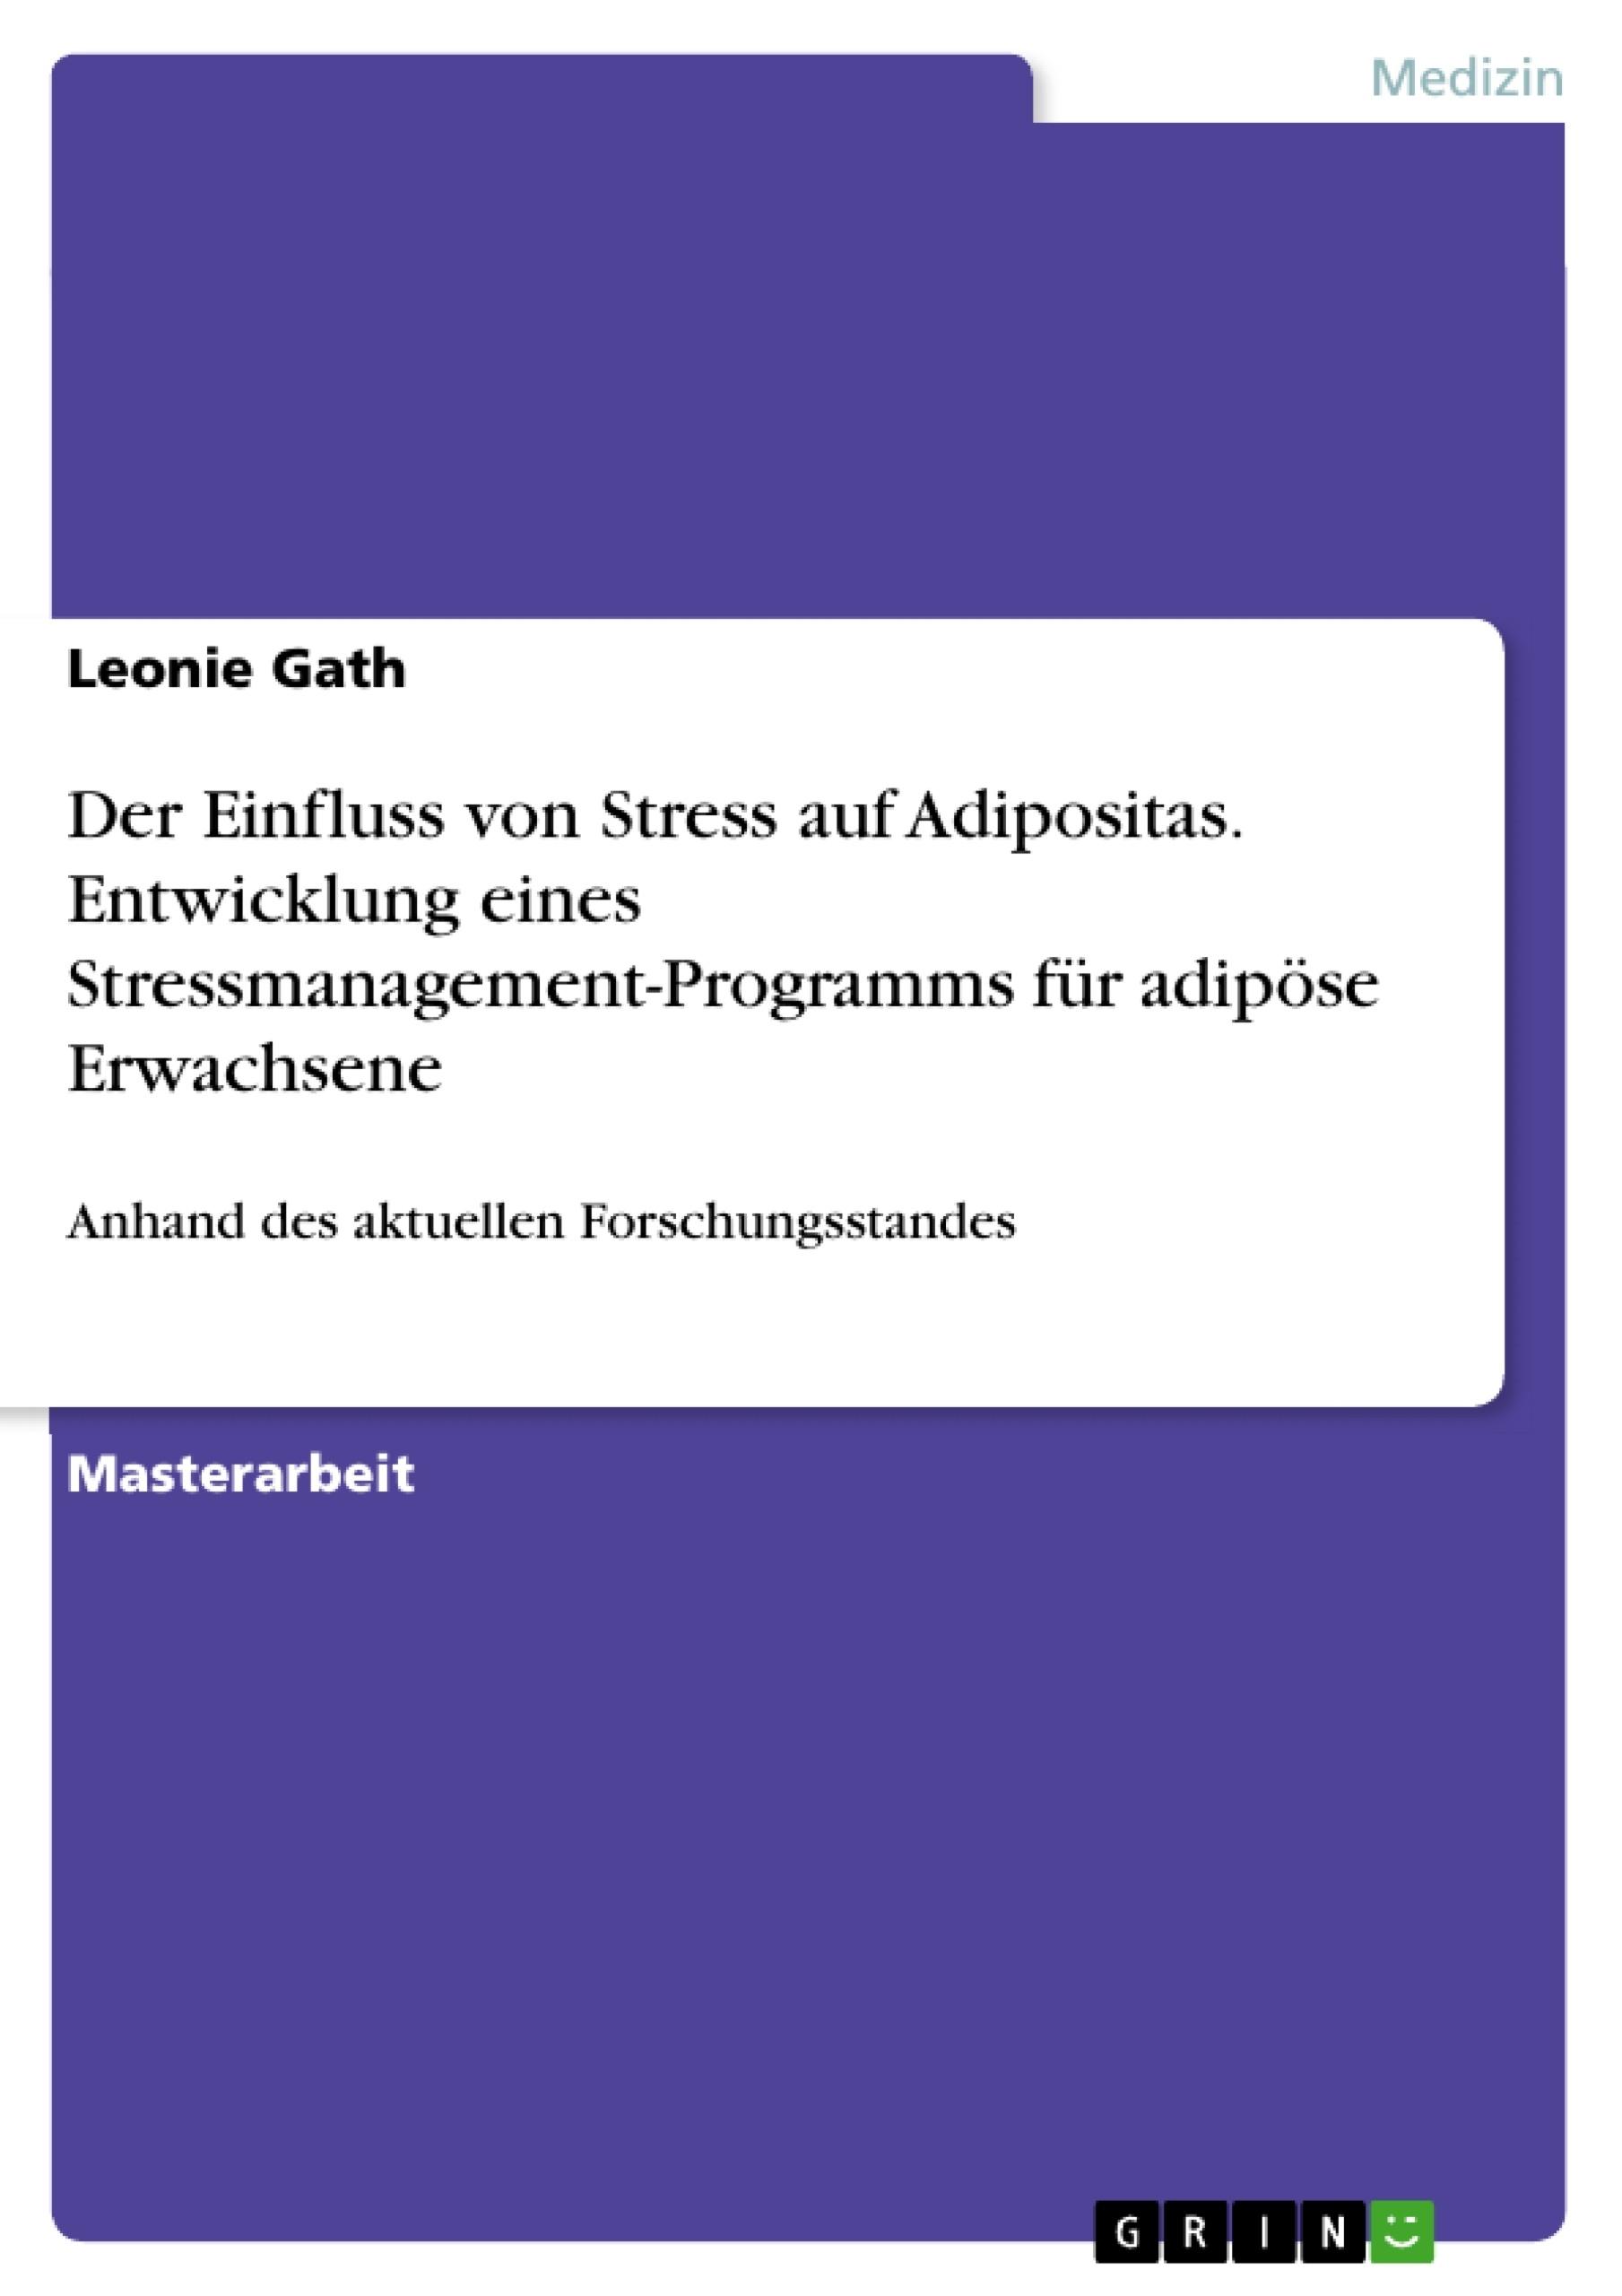 Titel: Der Einfluss von Stress auf Adipositas. Entwicklung eines Stressmanagement-Programms für adipöse Erwachsene